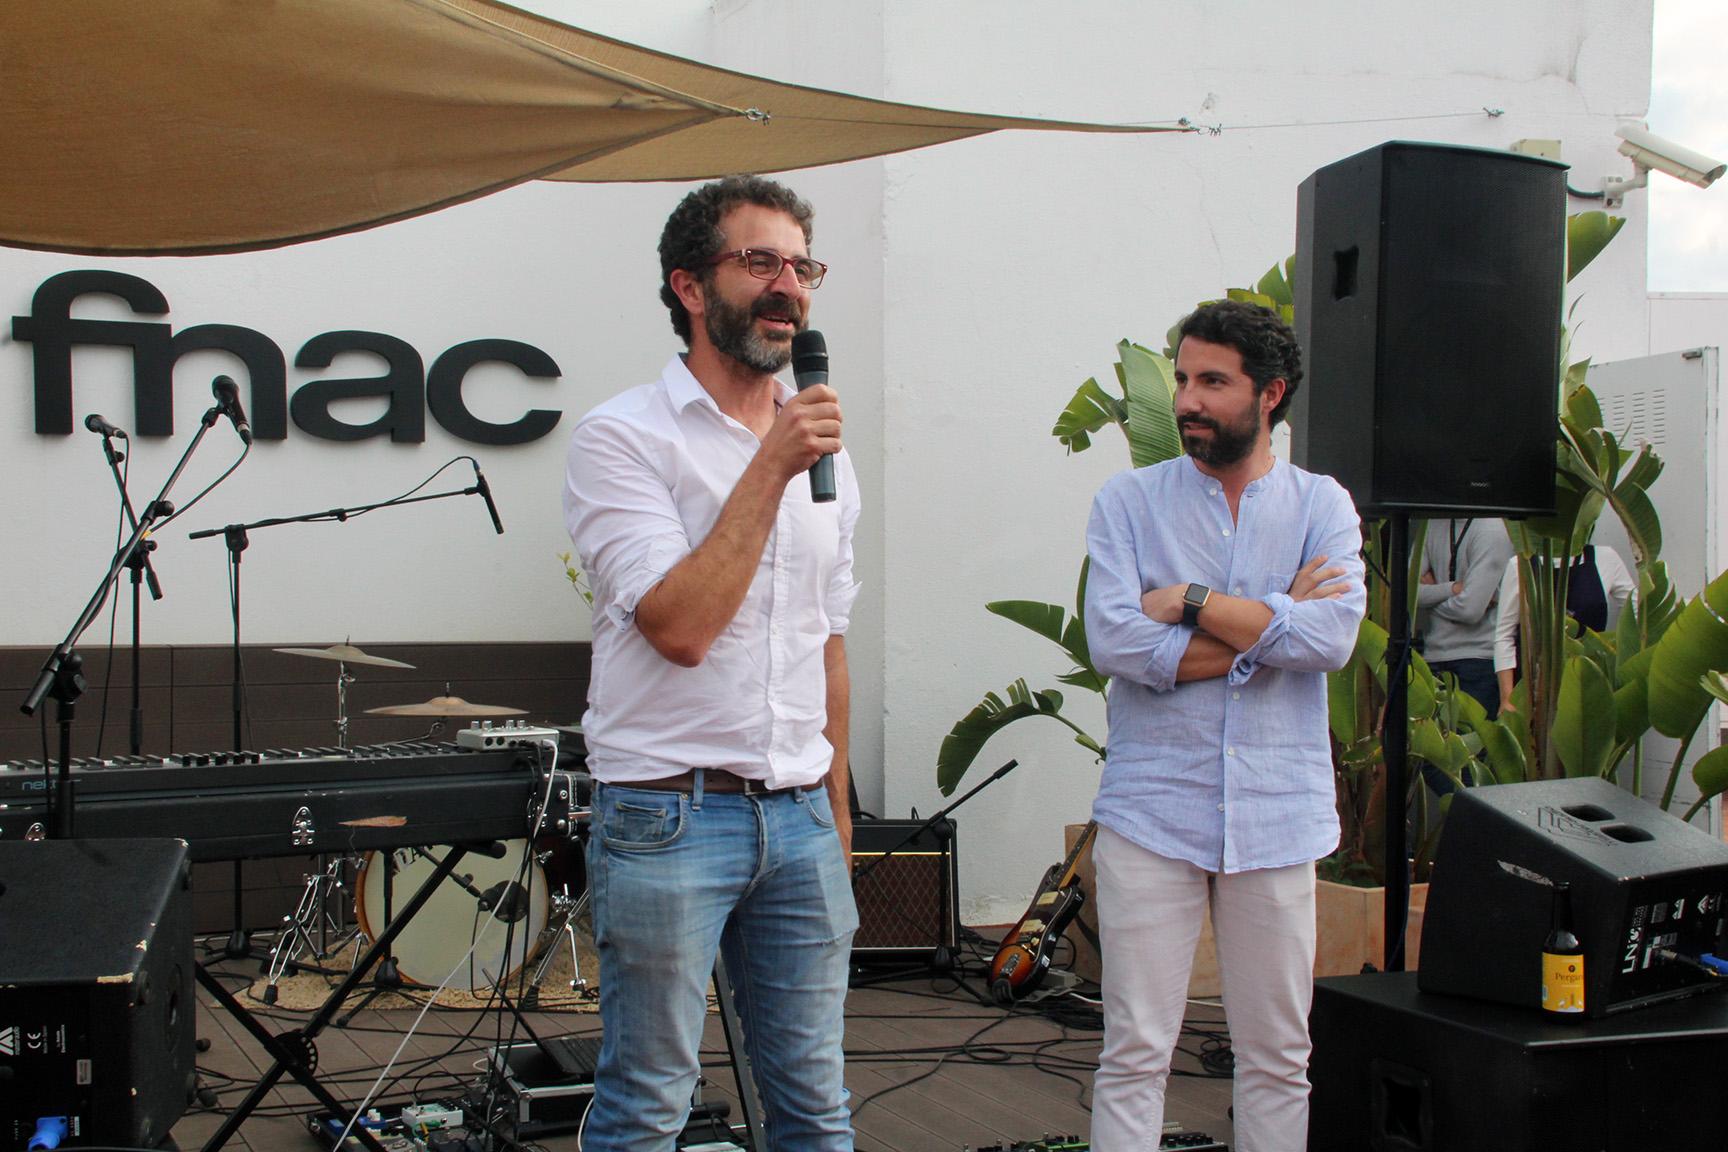 El festival sevillano cuenta los días para celebrar su tercera edición. Tan solo resta una quincena para volver a disfrutar de uno de los referentes en eventos musicales del país. Para ello, en la tarde de ayer se celebró una fiesta que servía como presentación de Interestelar Sevilla 2018.